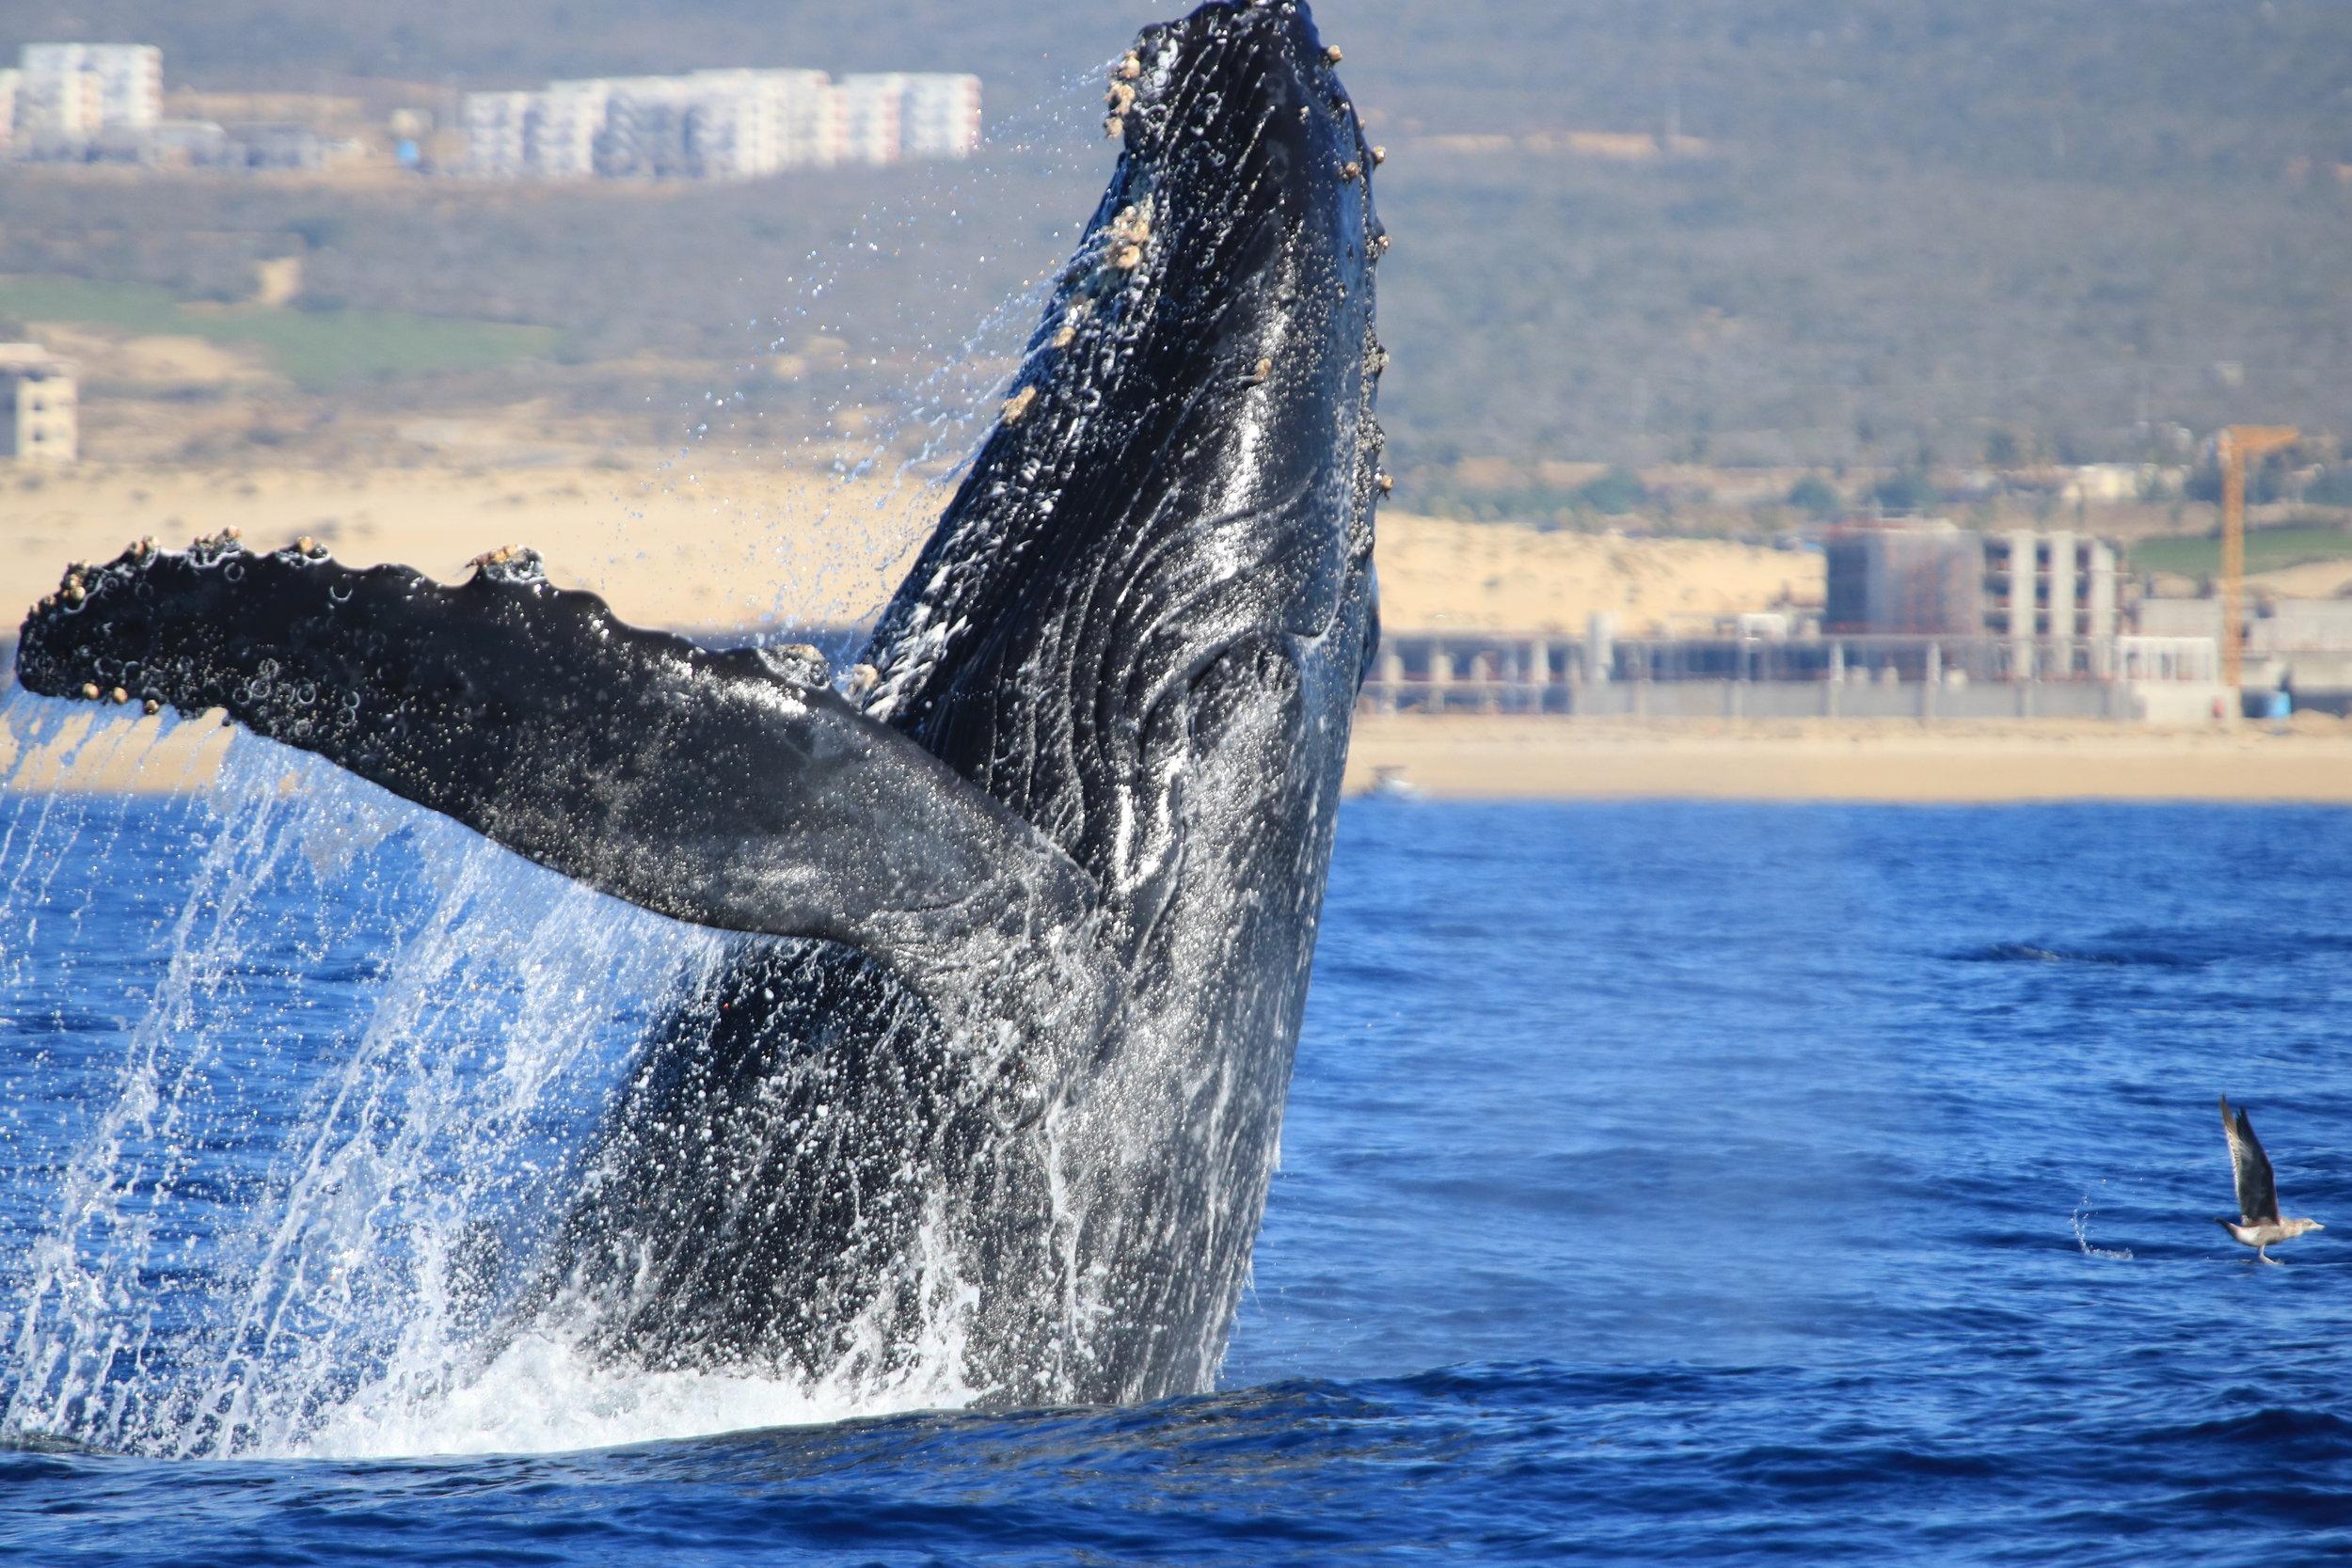 Experiencia de avistamiento de ballenas con Cabo Adventures.